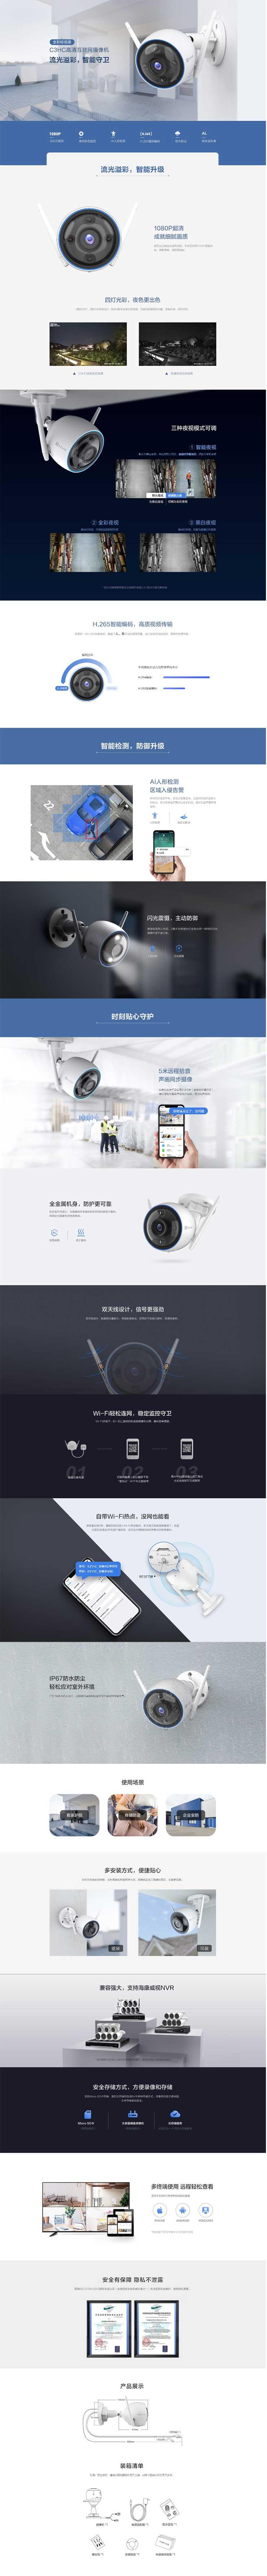 【萤石摄像头】萤石-摄像头-C3HC-全彩标准版-室外无线网络监控摄像头-可定制【行情-报价-价格